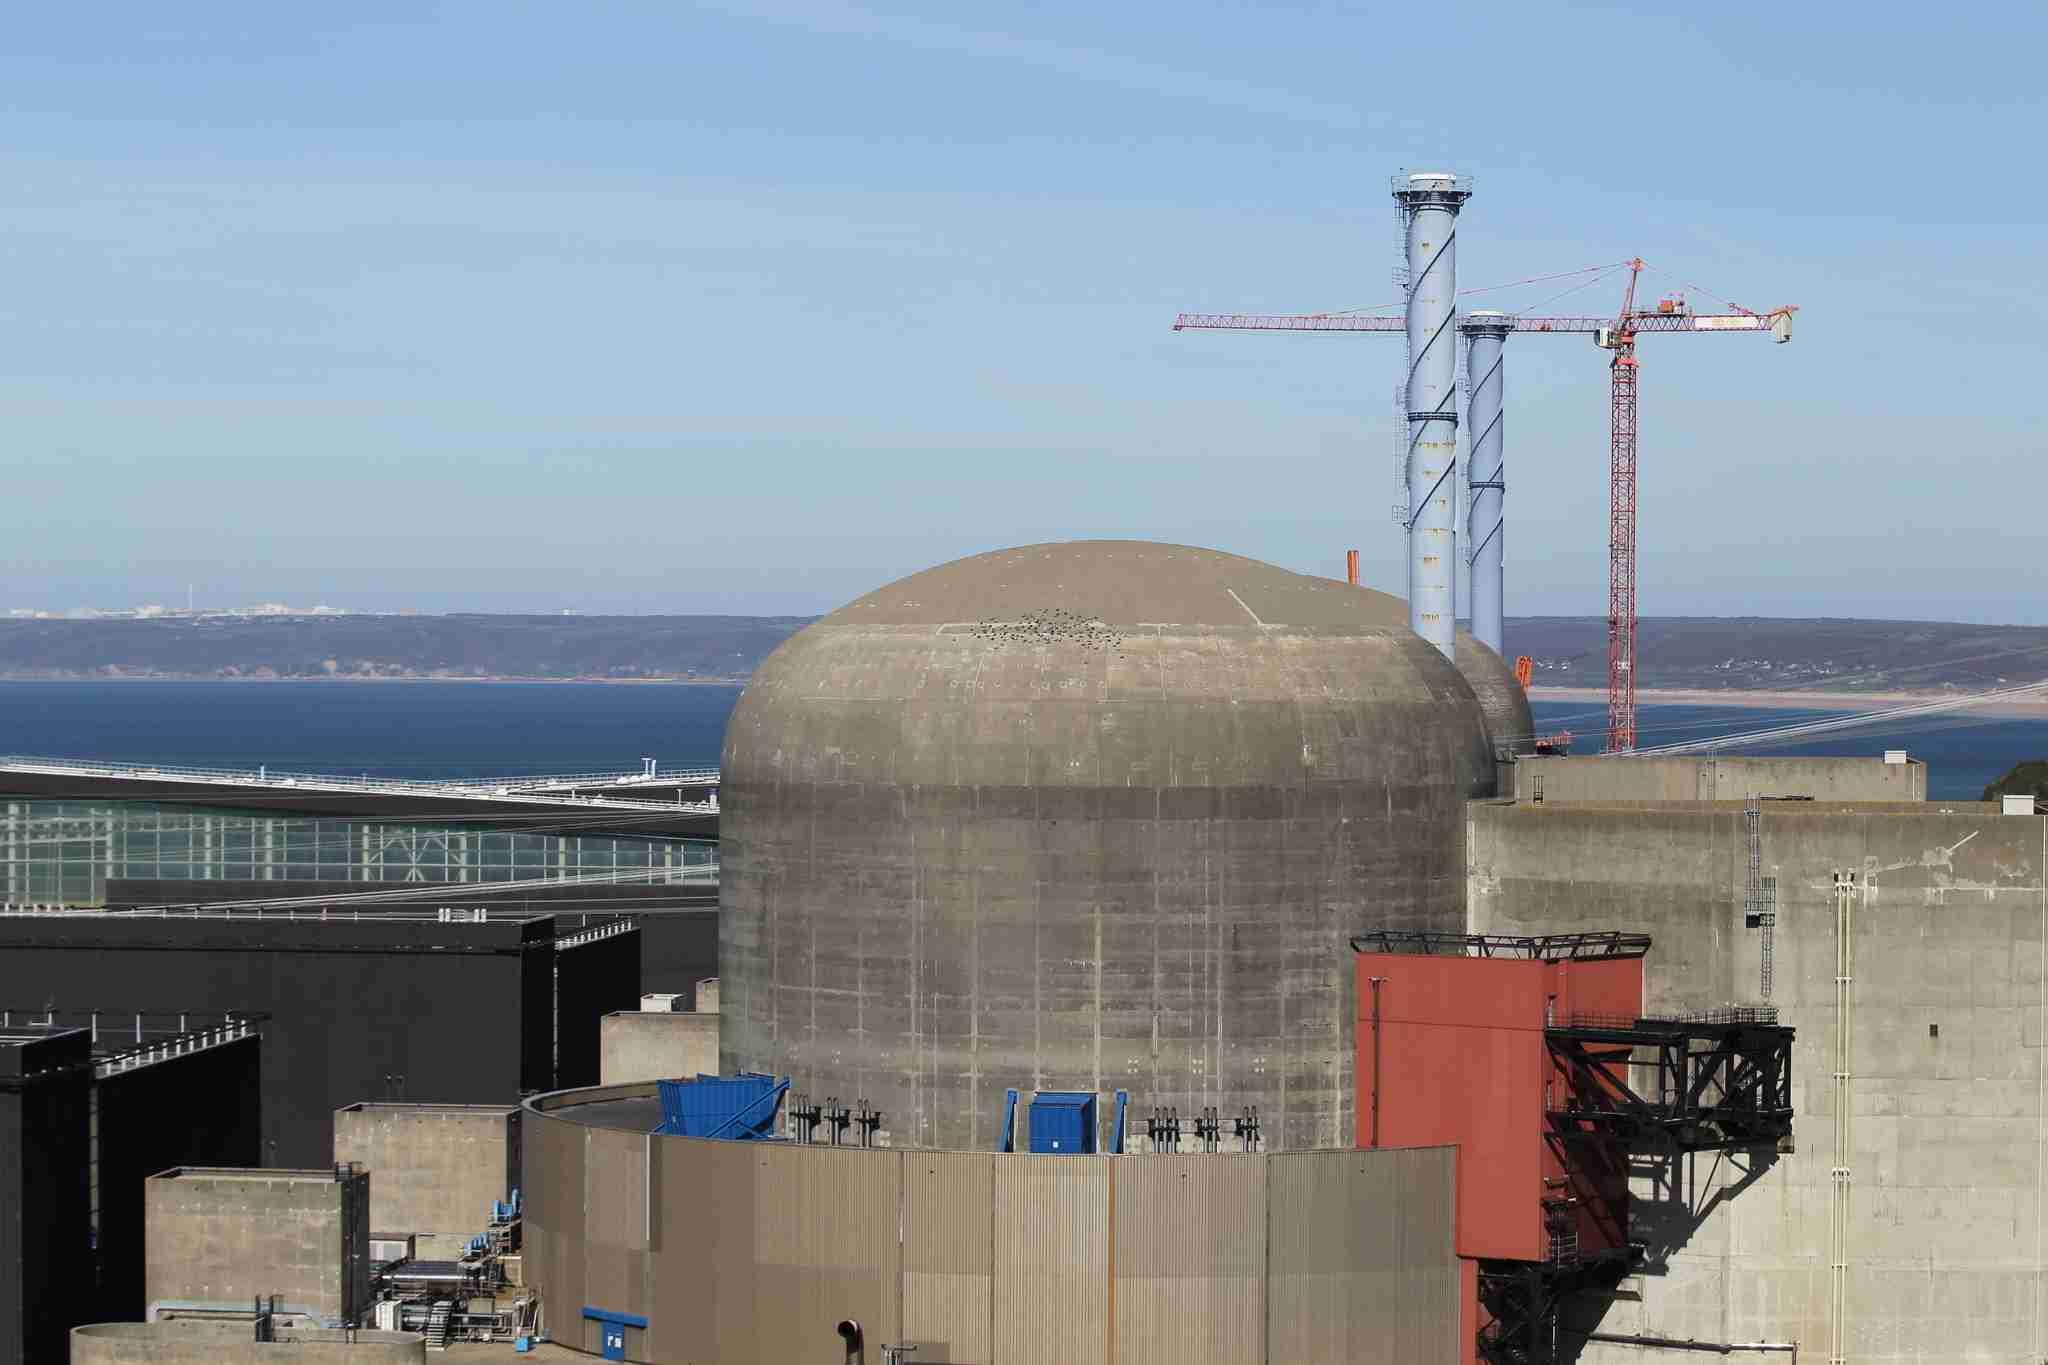 仏北部の原子力発電所で爆発、放射能汚染のリスクはなし (AFP=時事) - Yahoo!ニュース